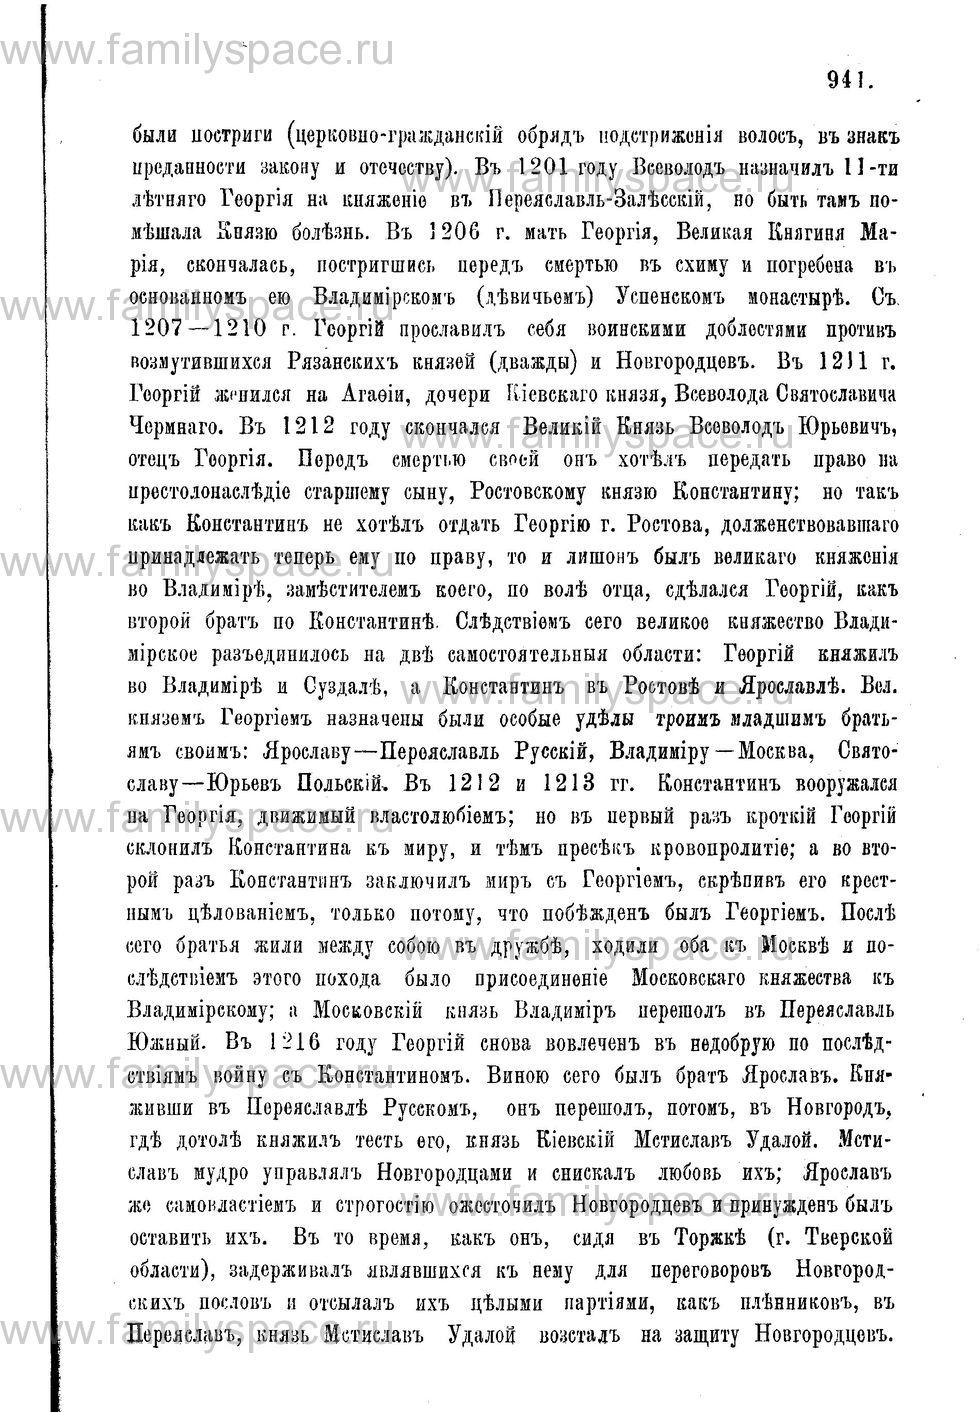 Поиск по фамилии - Адрес-календарь Нижегородской епархии на 1888 год, страница 1941